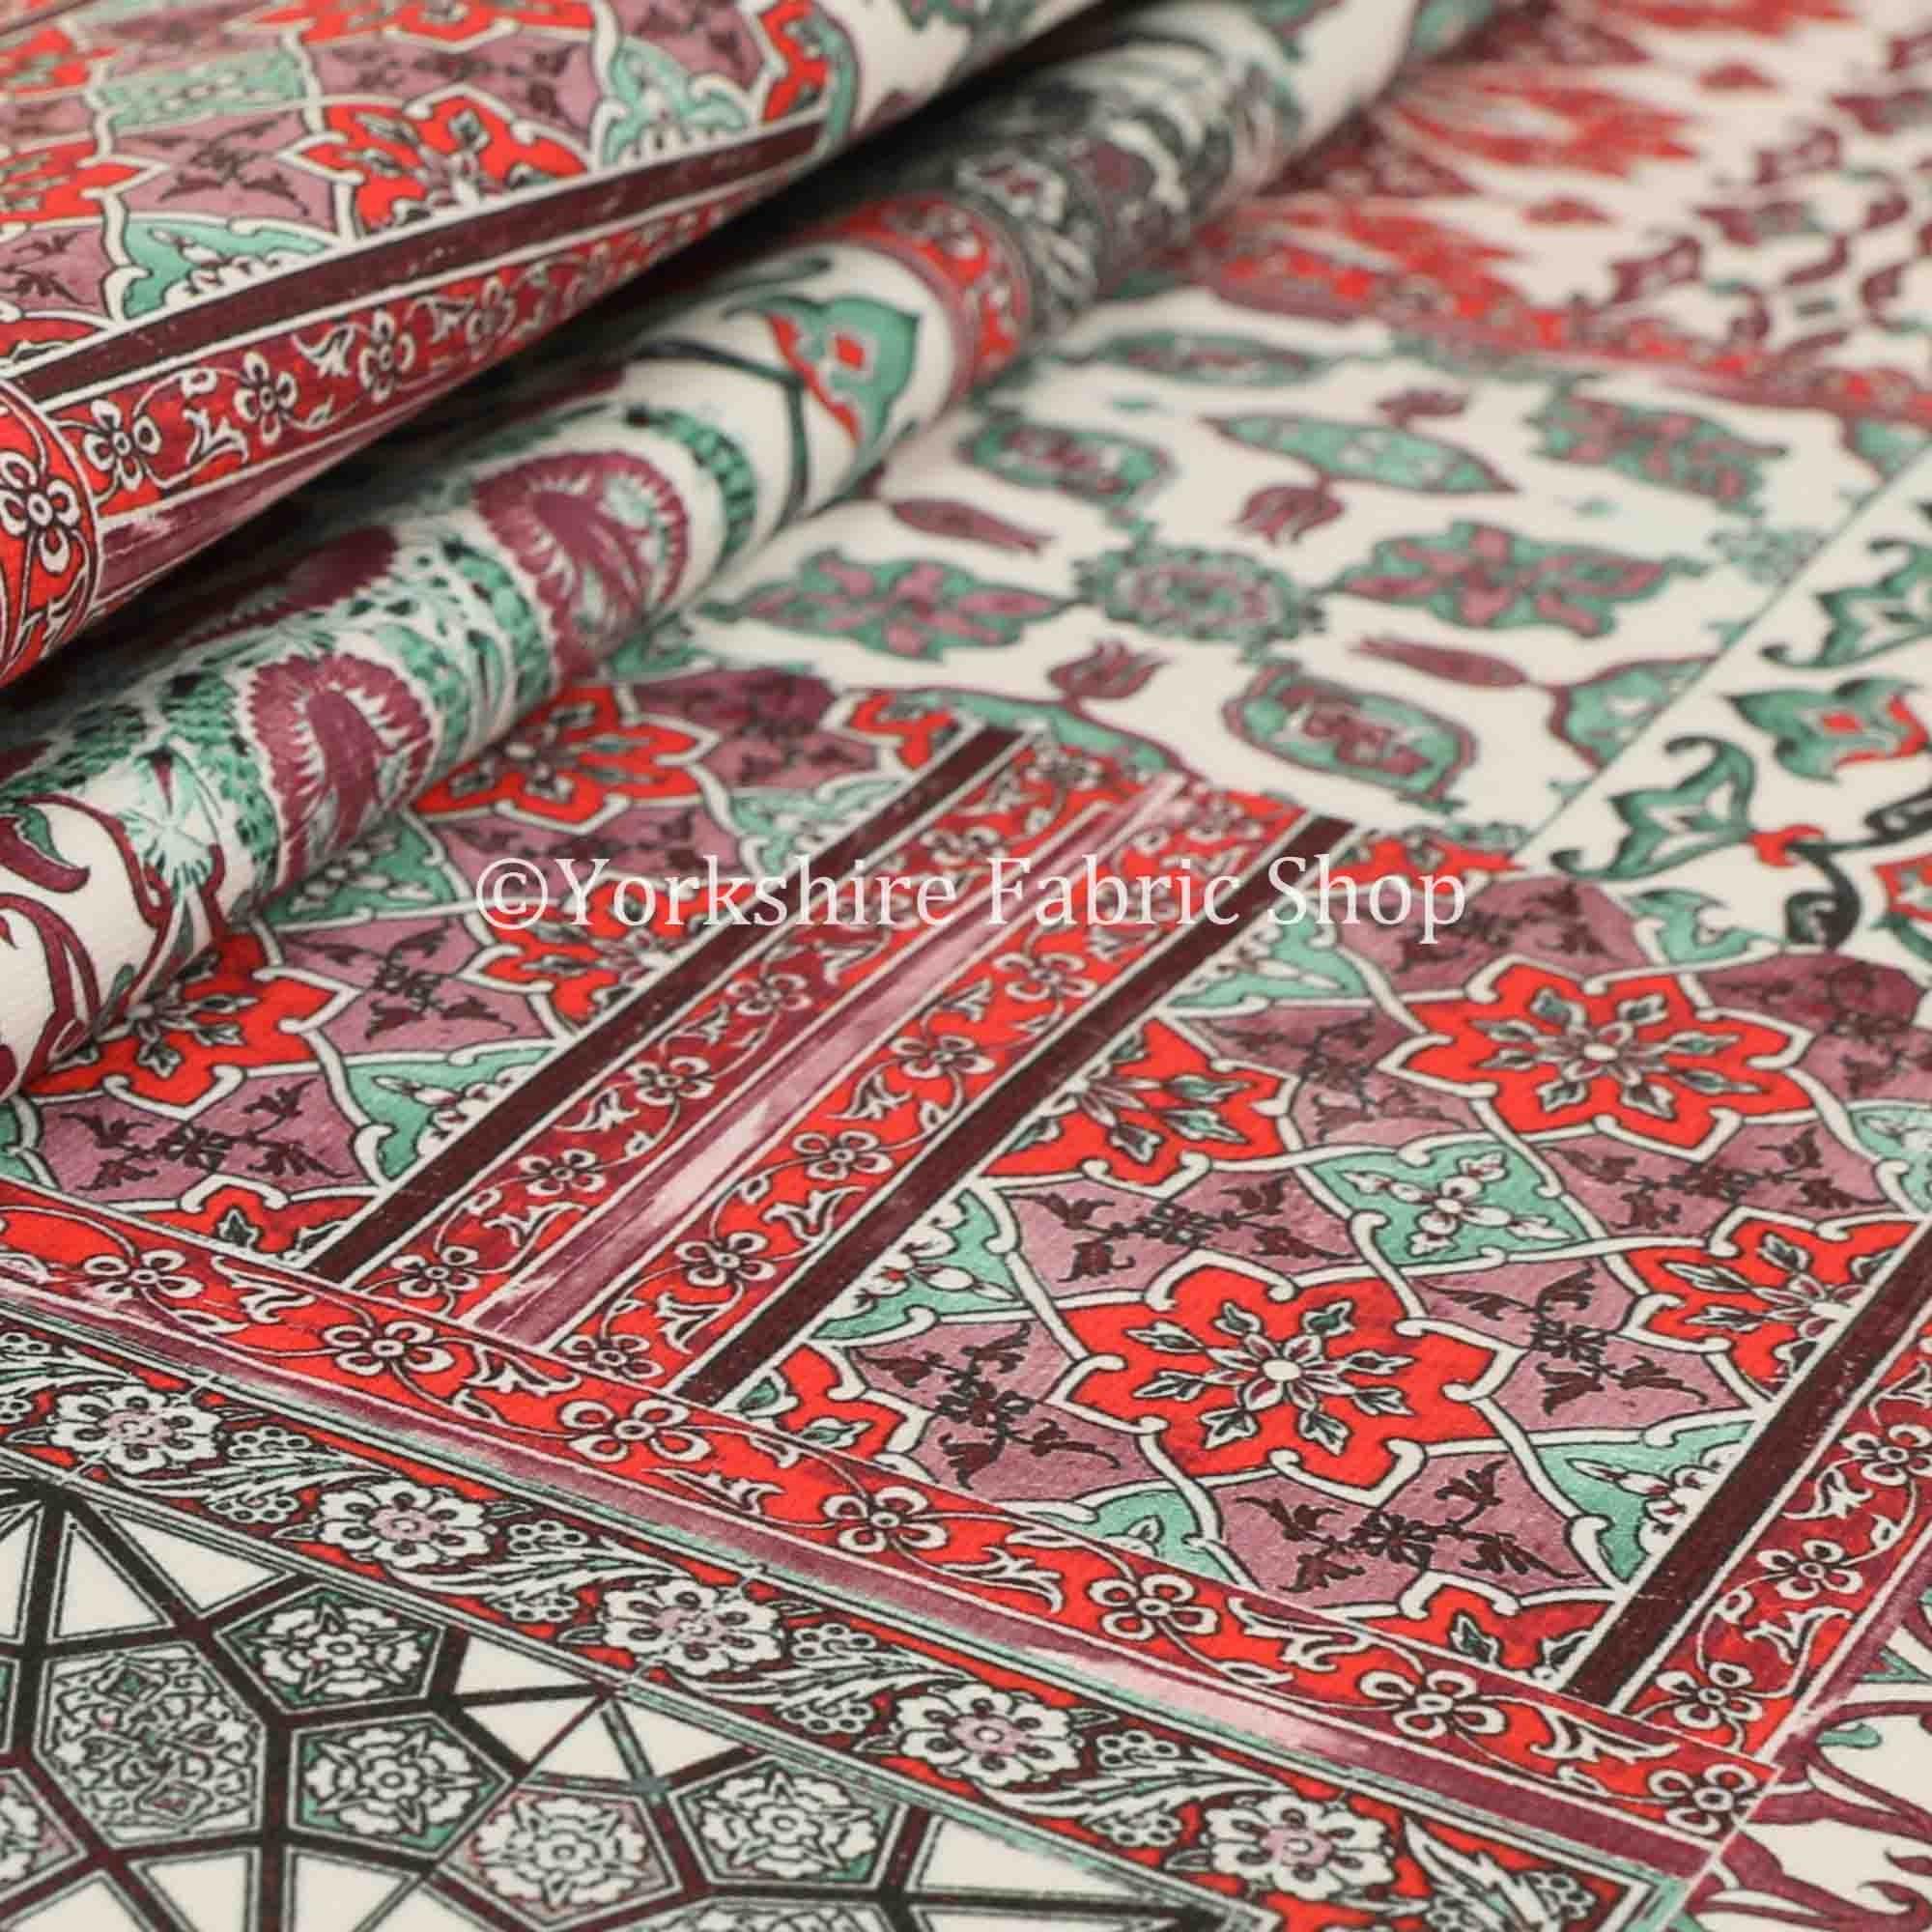 Couleur rouge vert nouveau Patchwork imprimé velours velours Rideau Rideau Rideau tissus d'ameublement - vendus par le tissu de longueur de 10 mètres 6d0bcd